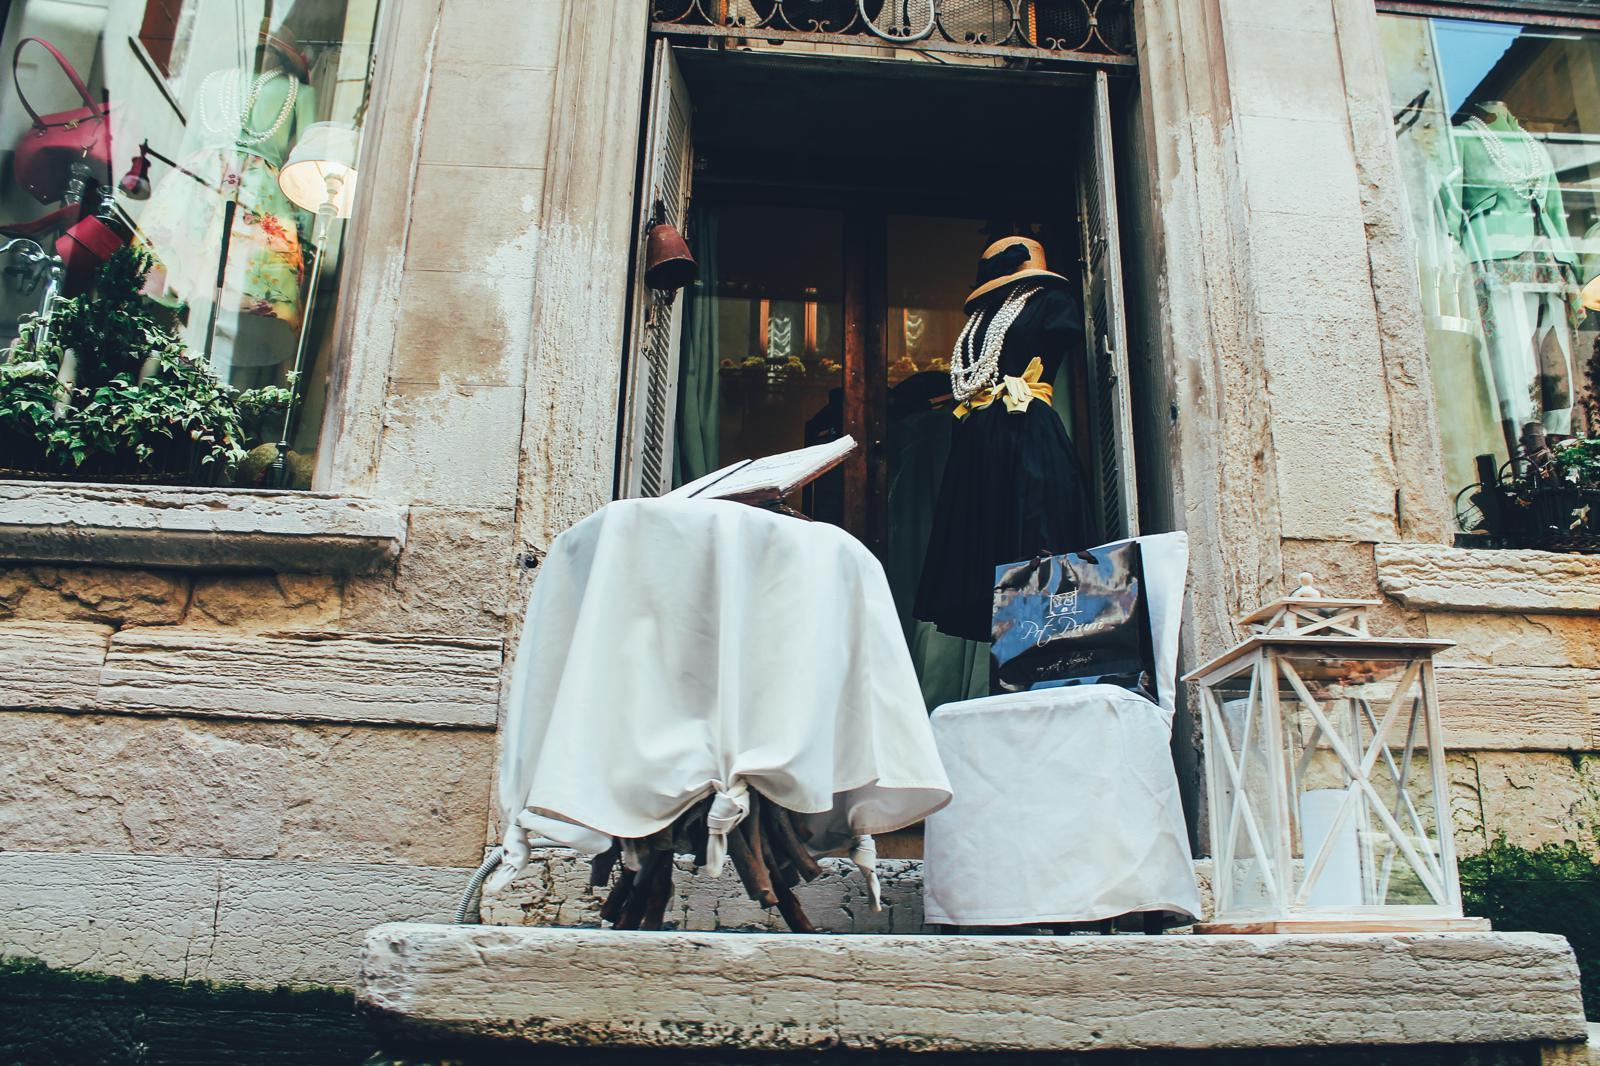 Venice - A Photo Diary. Italy, Europe (15)